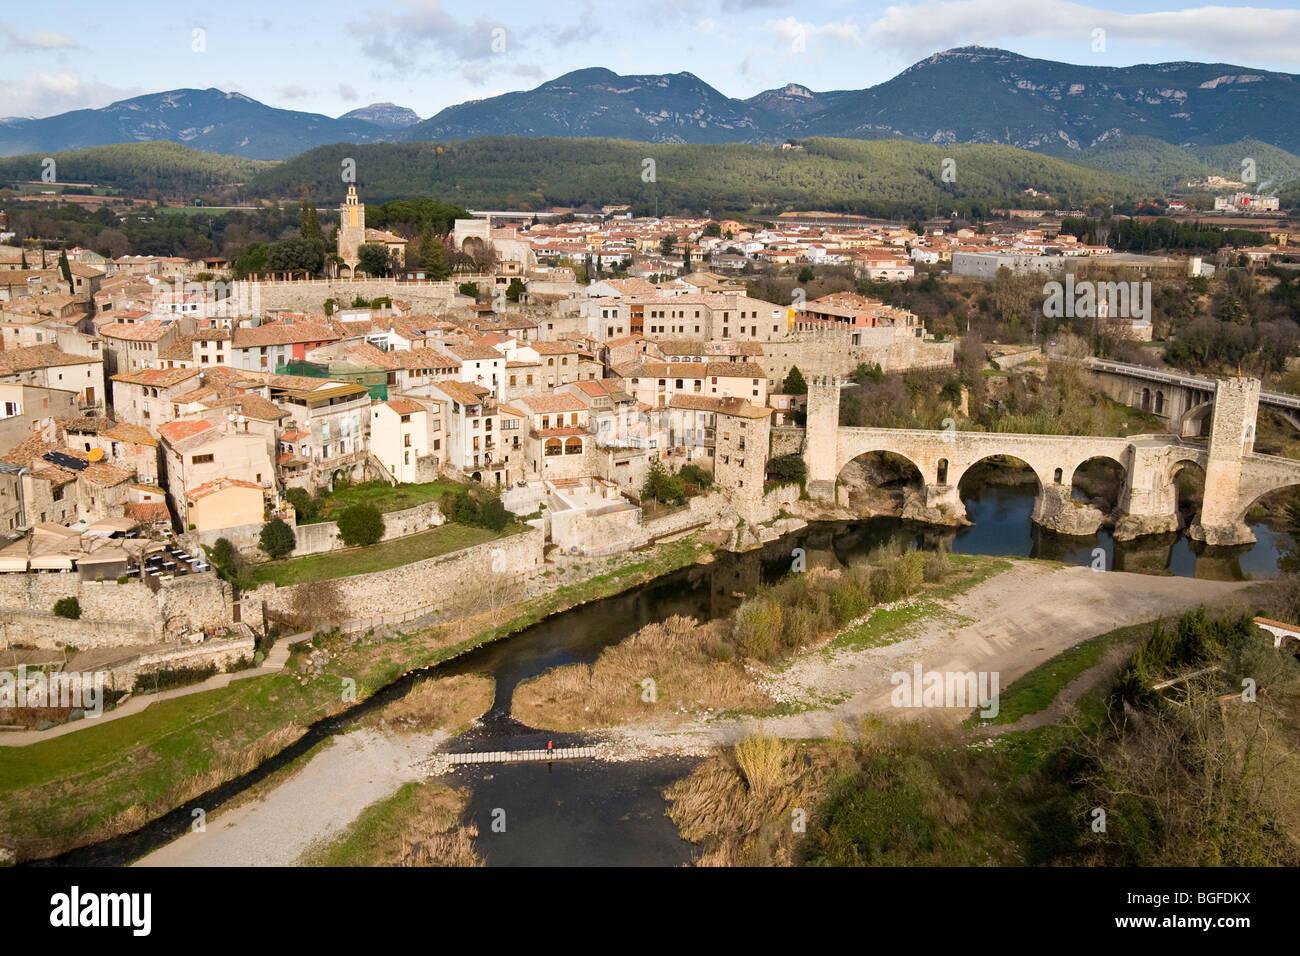 besalu town and bridge, aerial view - Stock Image